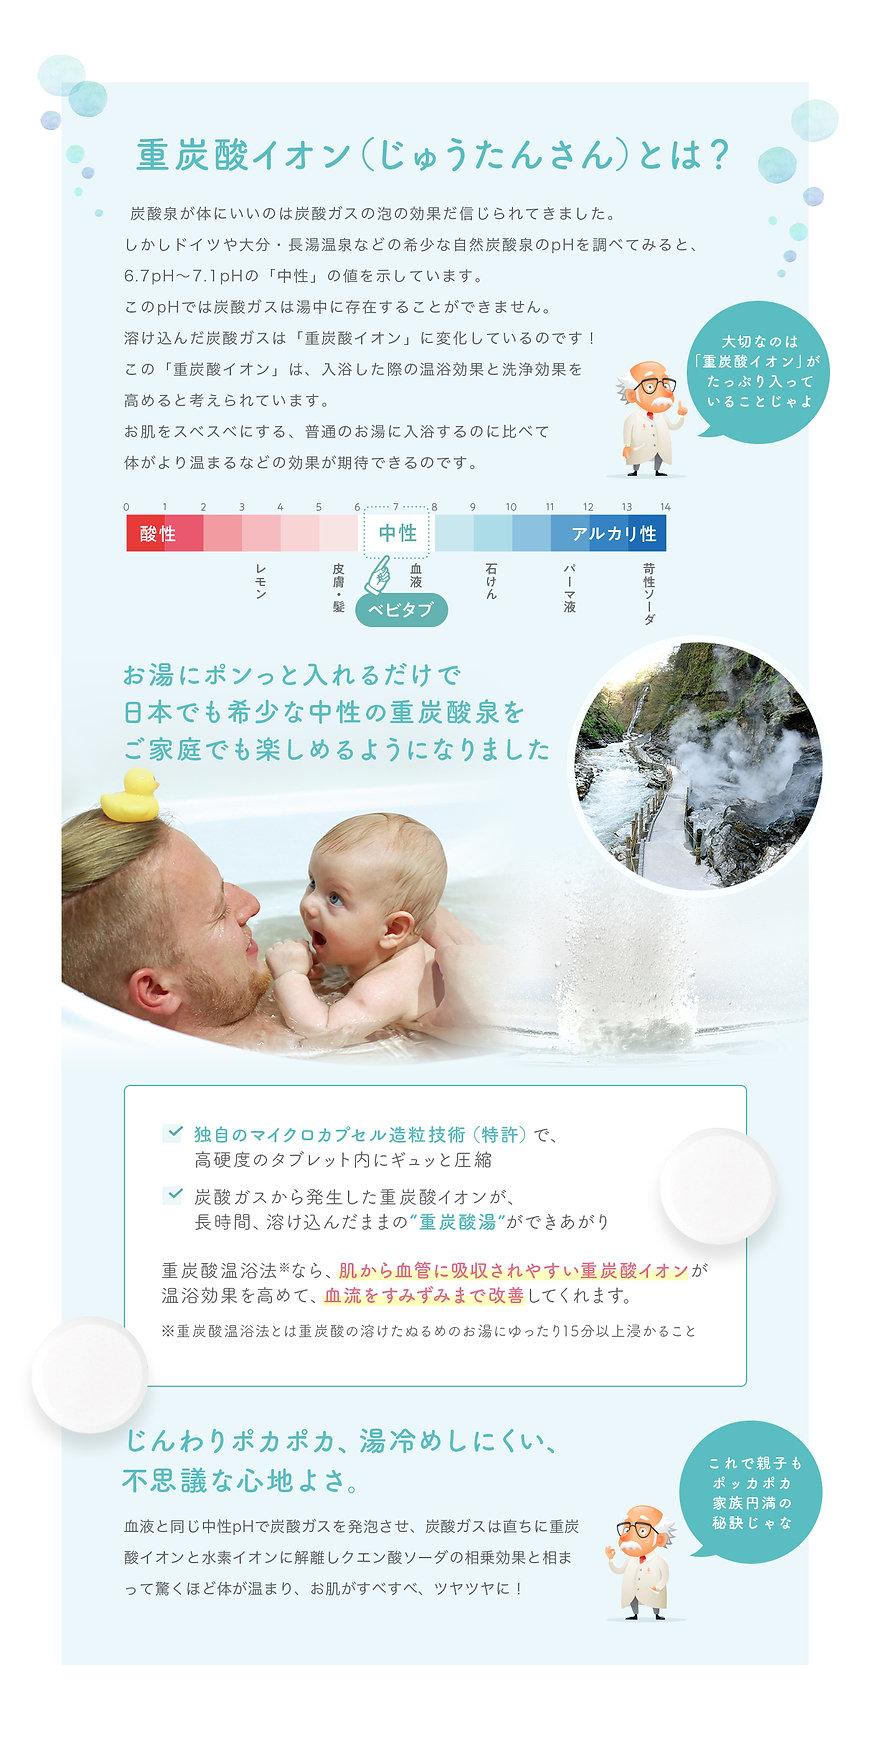 babytab_lp_3.jpg